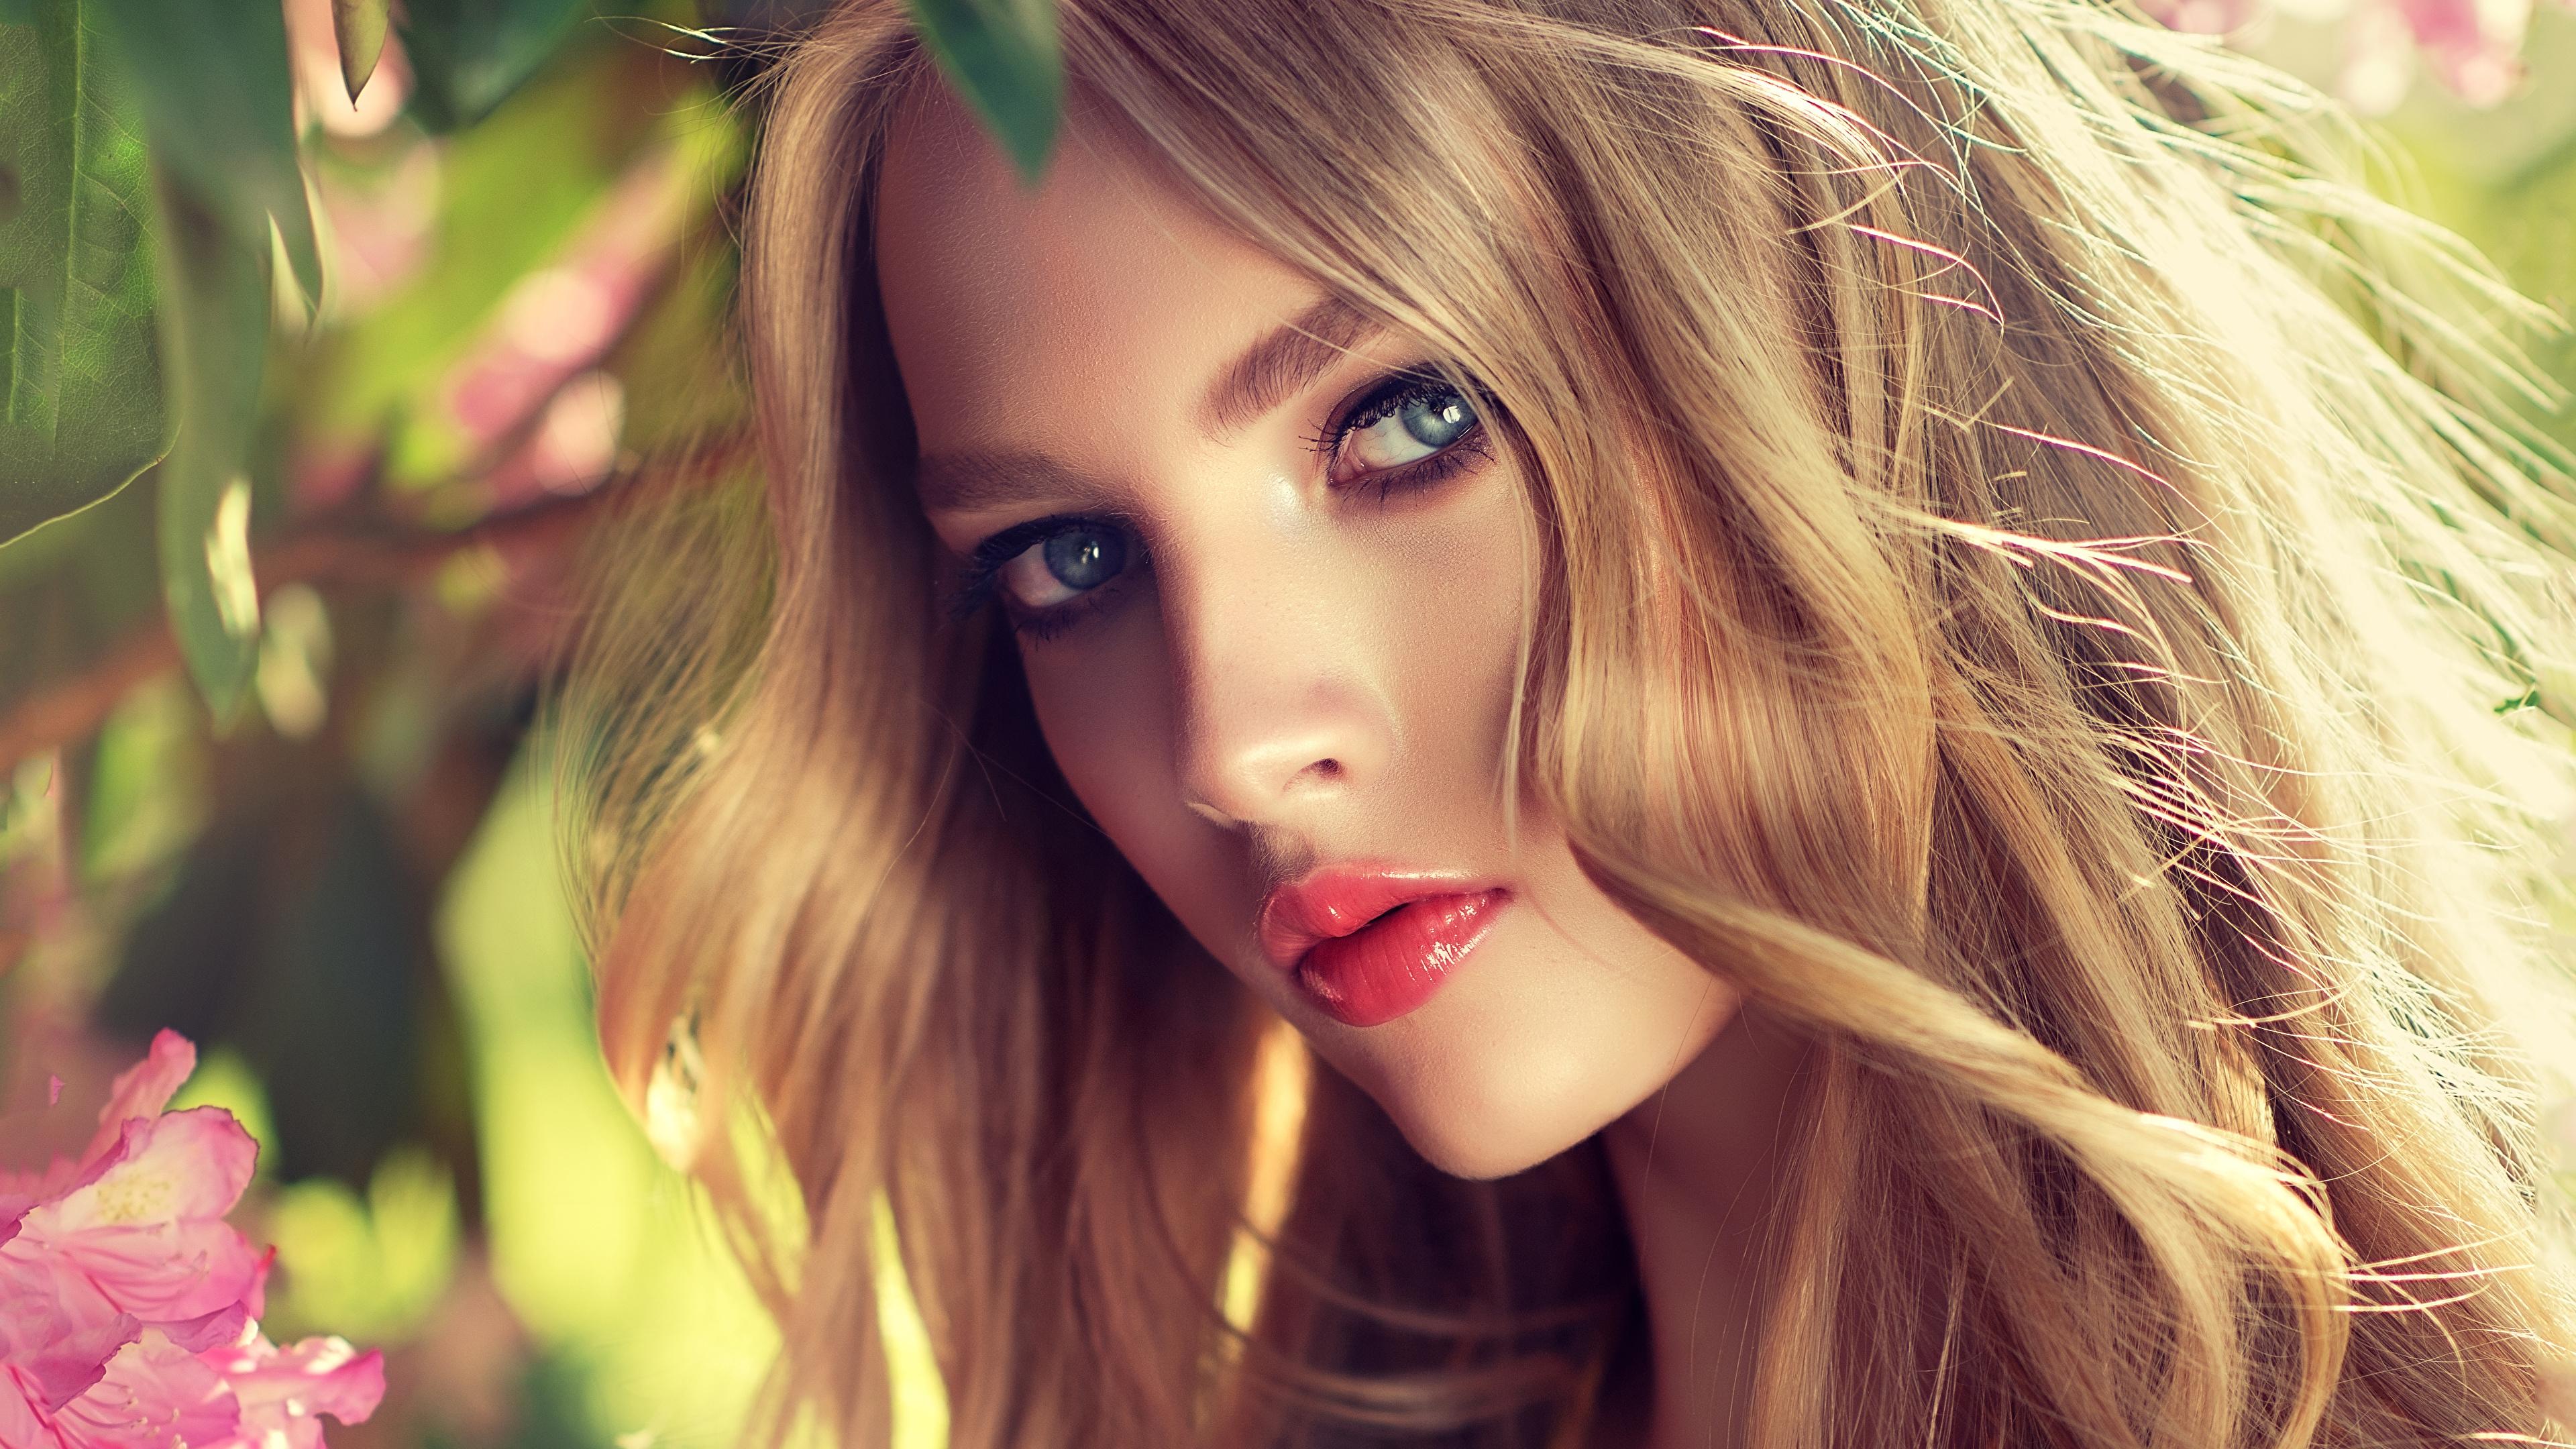 Фото Русые Блондинка Красивые Лицо Девушки смотрит 3840x2160 Взгляд